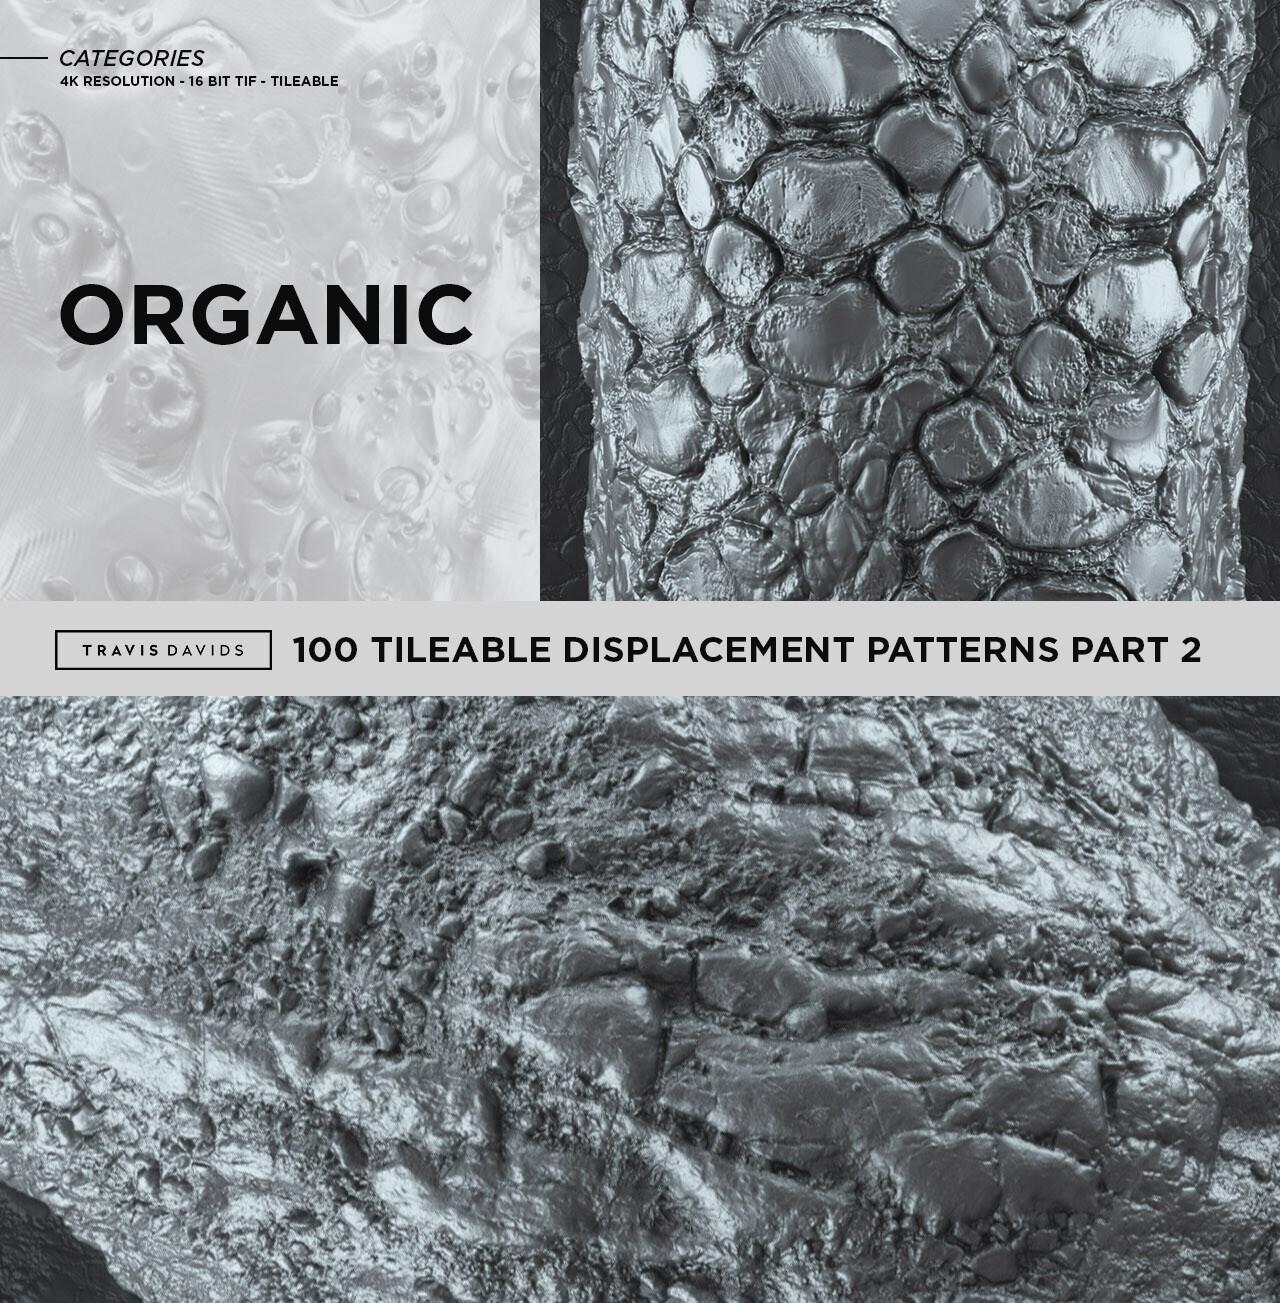 Travis davids categories organic